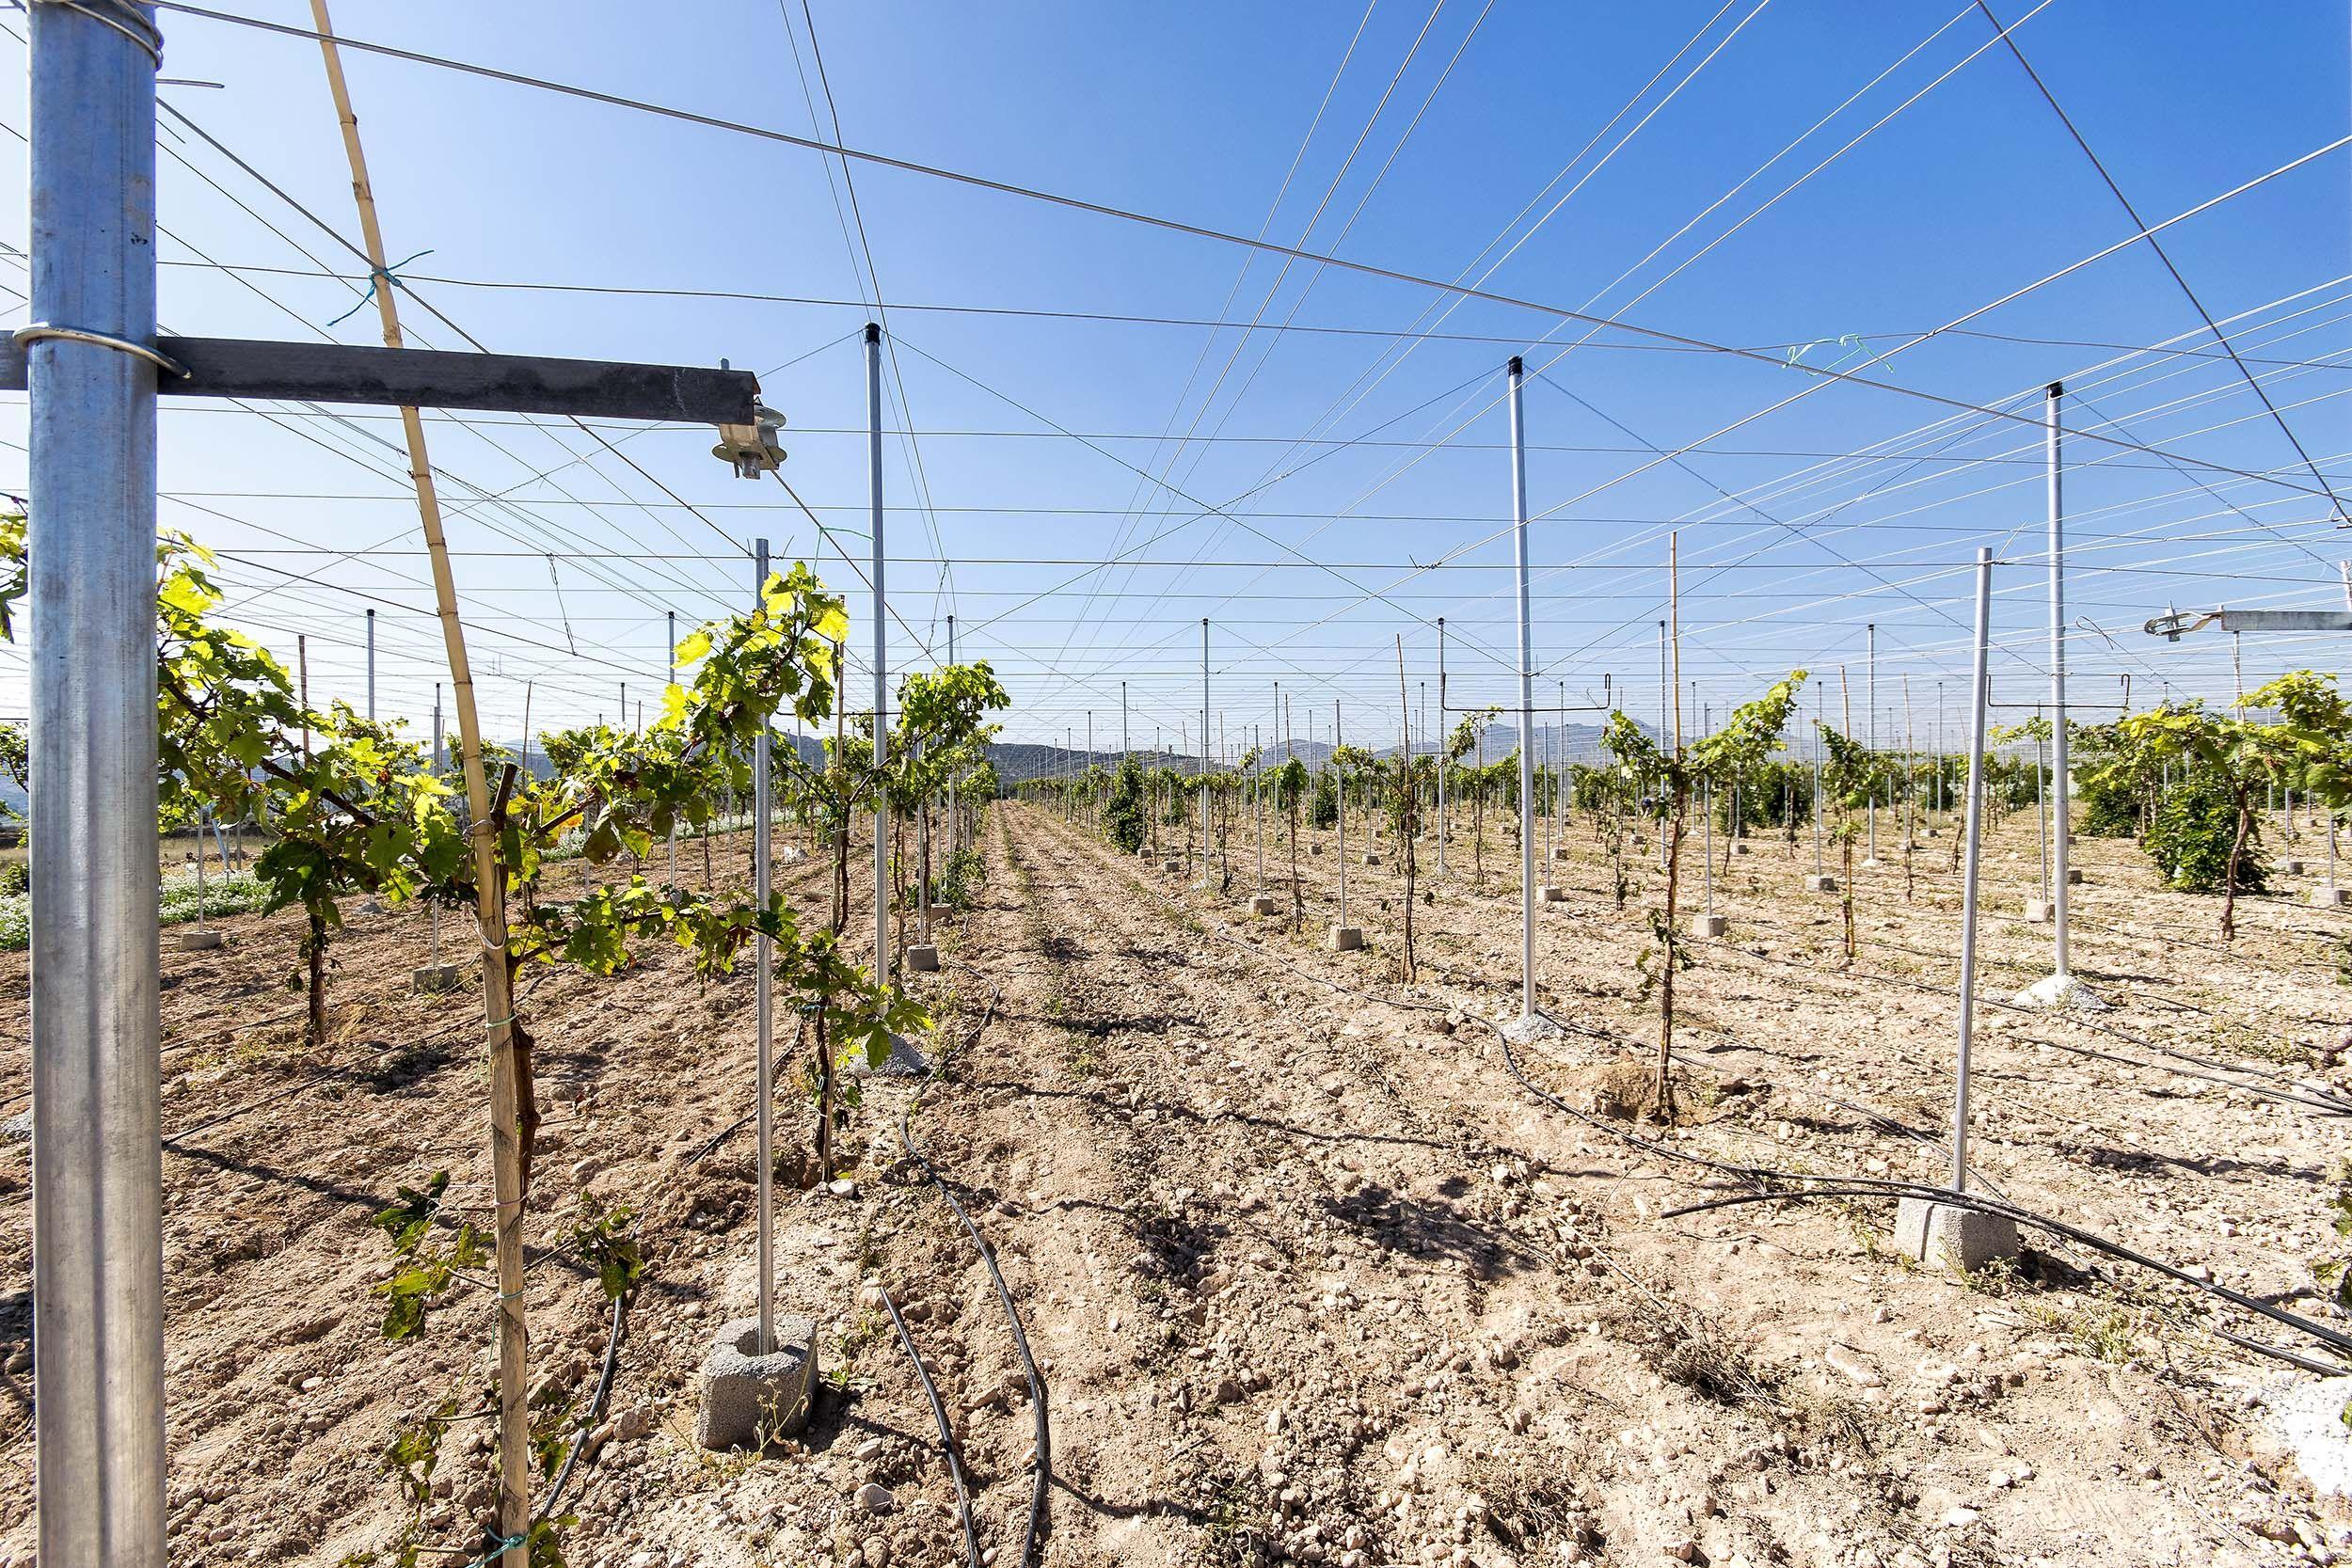 Cercados de fincas para cultivo de uvas en Alicante